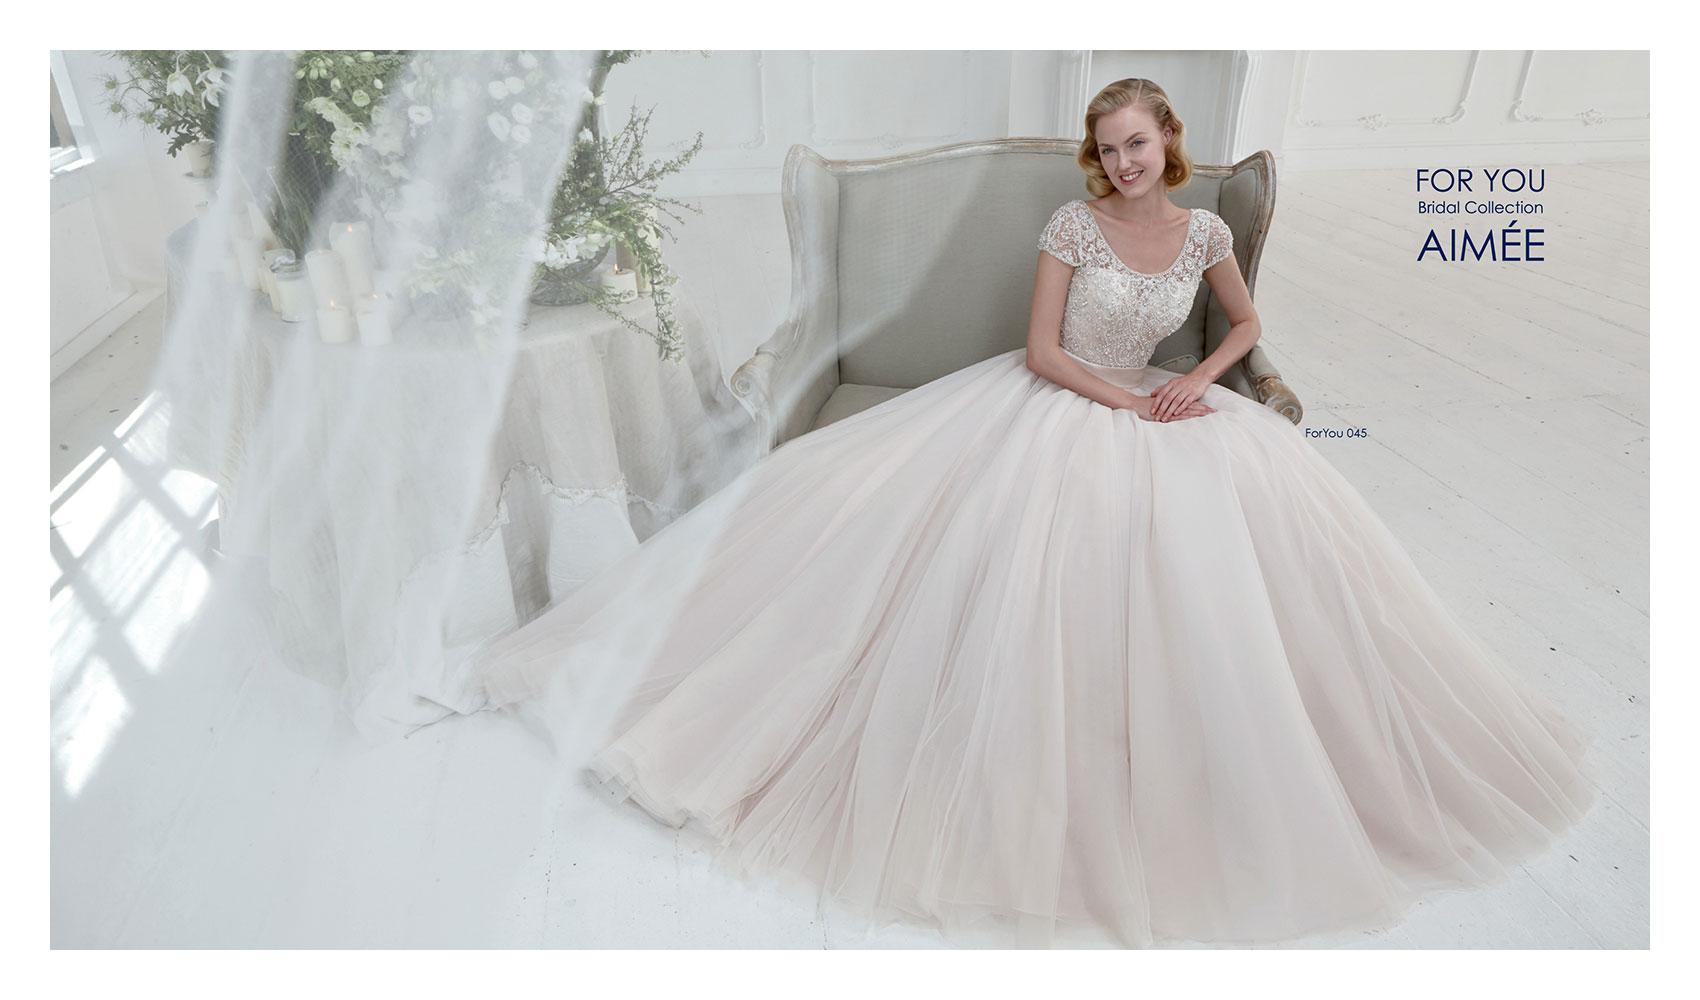 Aimee collezione For You 2015 abiti sposa1. Poesia e romanticismo per ... c74e83dce6e